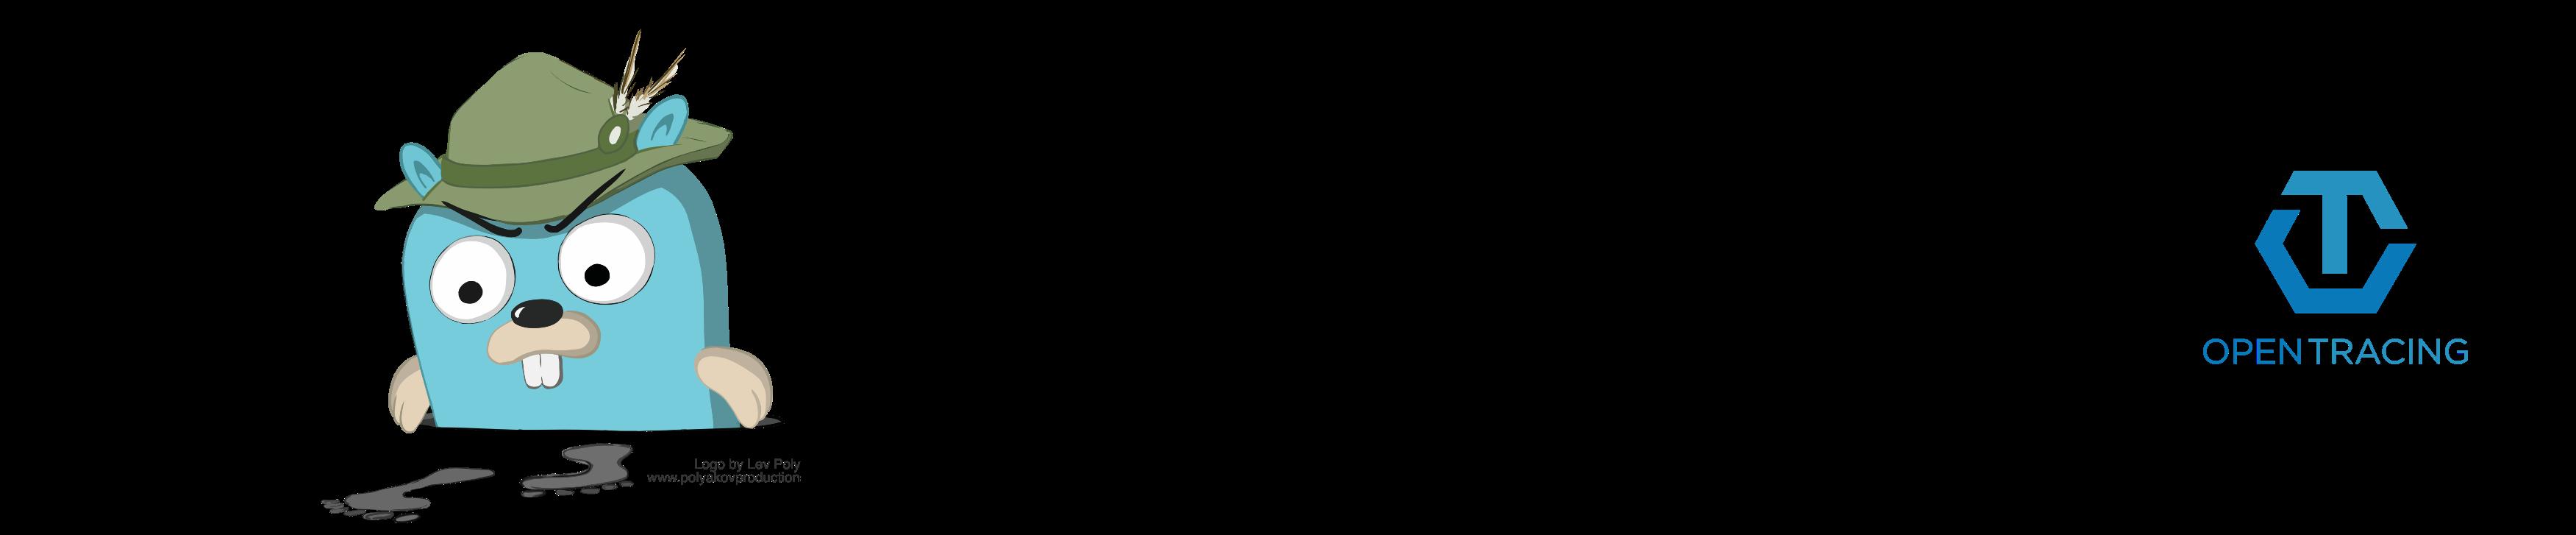 Jaeger Opentracing и Microservices в реальном проекте на PHP и Golang - 1